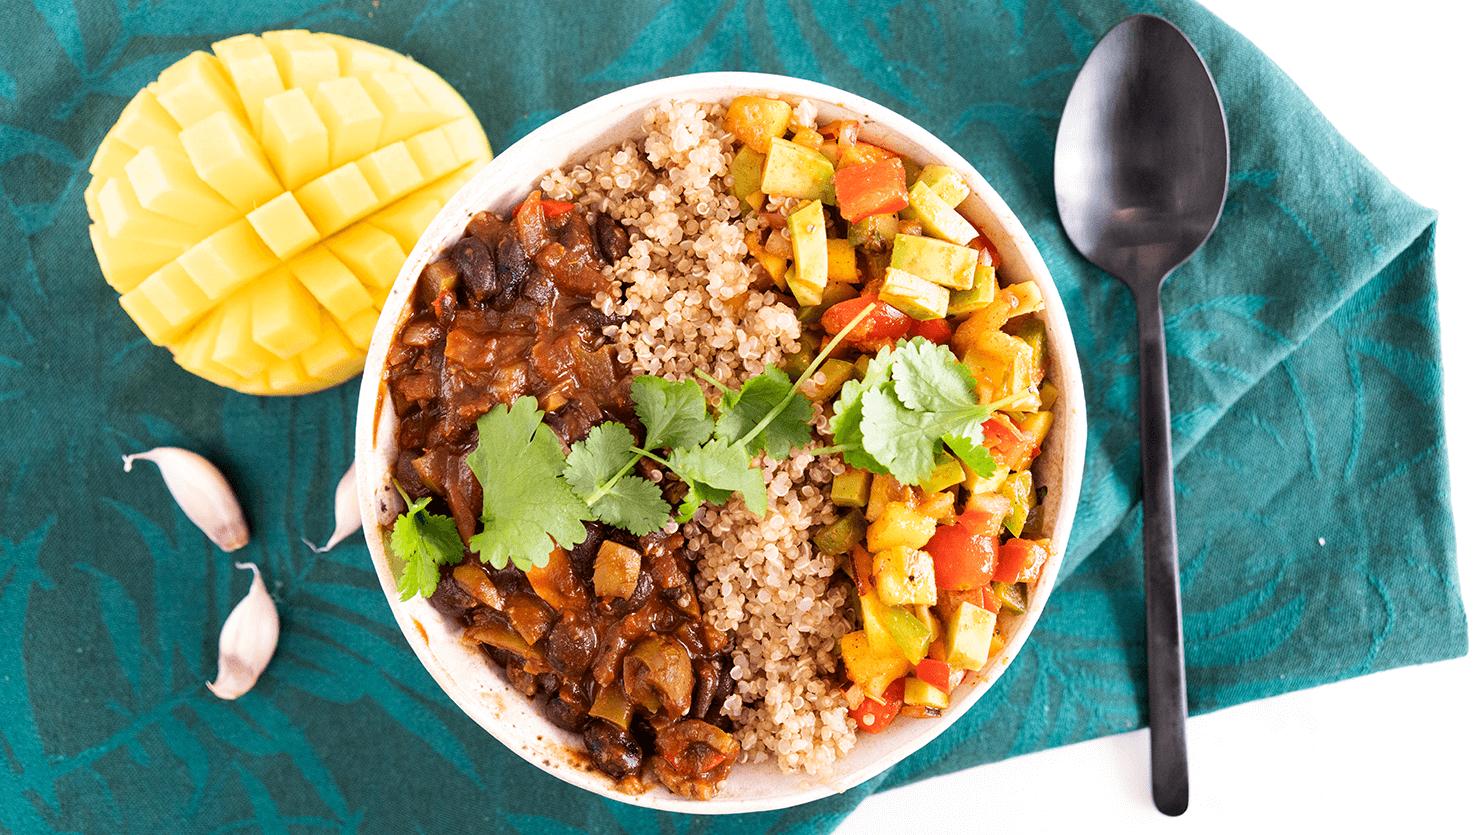 Bowl z czarną fasolą, komosą ryżową oraz salsą z mango i awokado